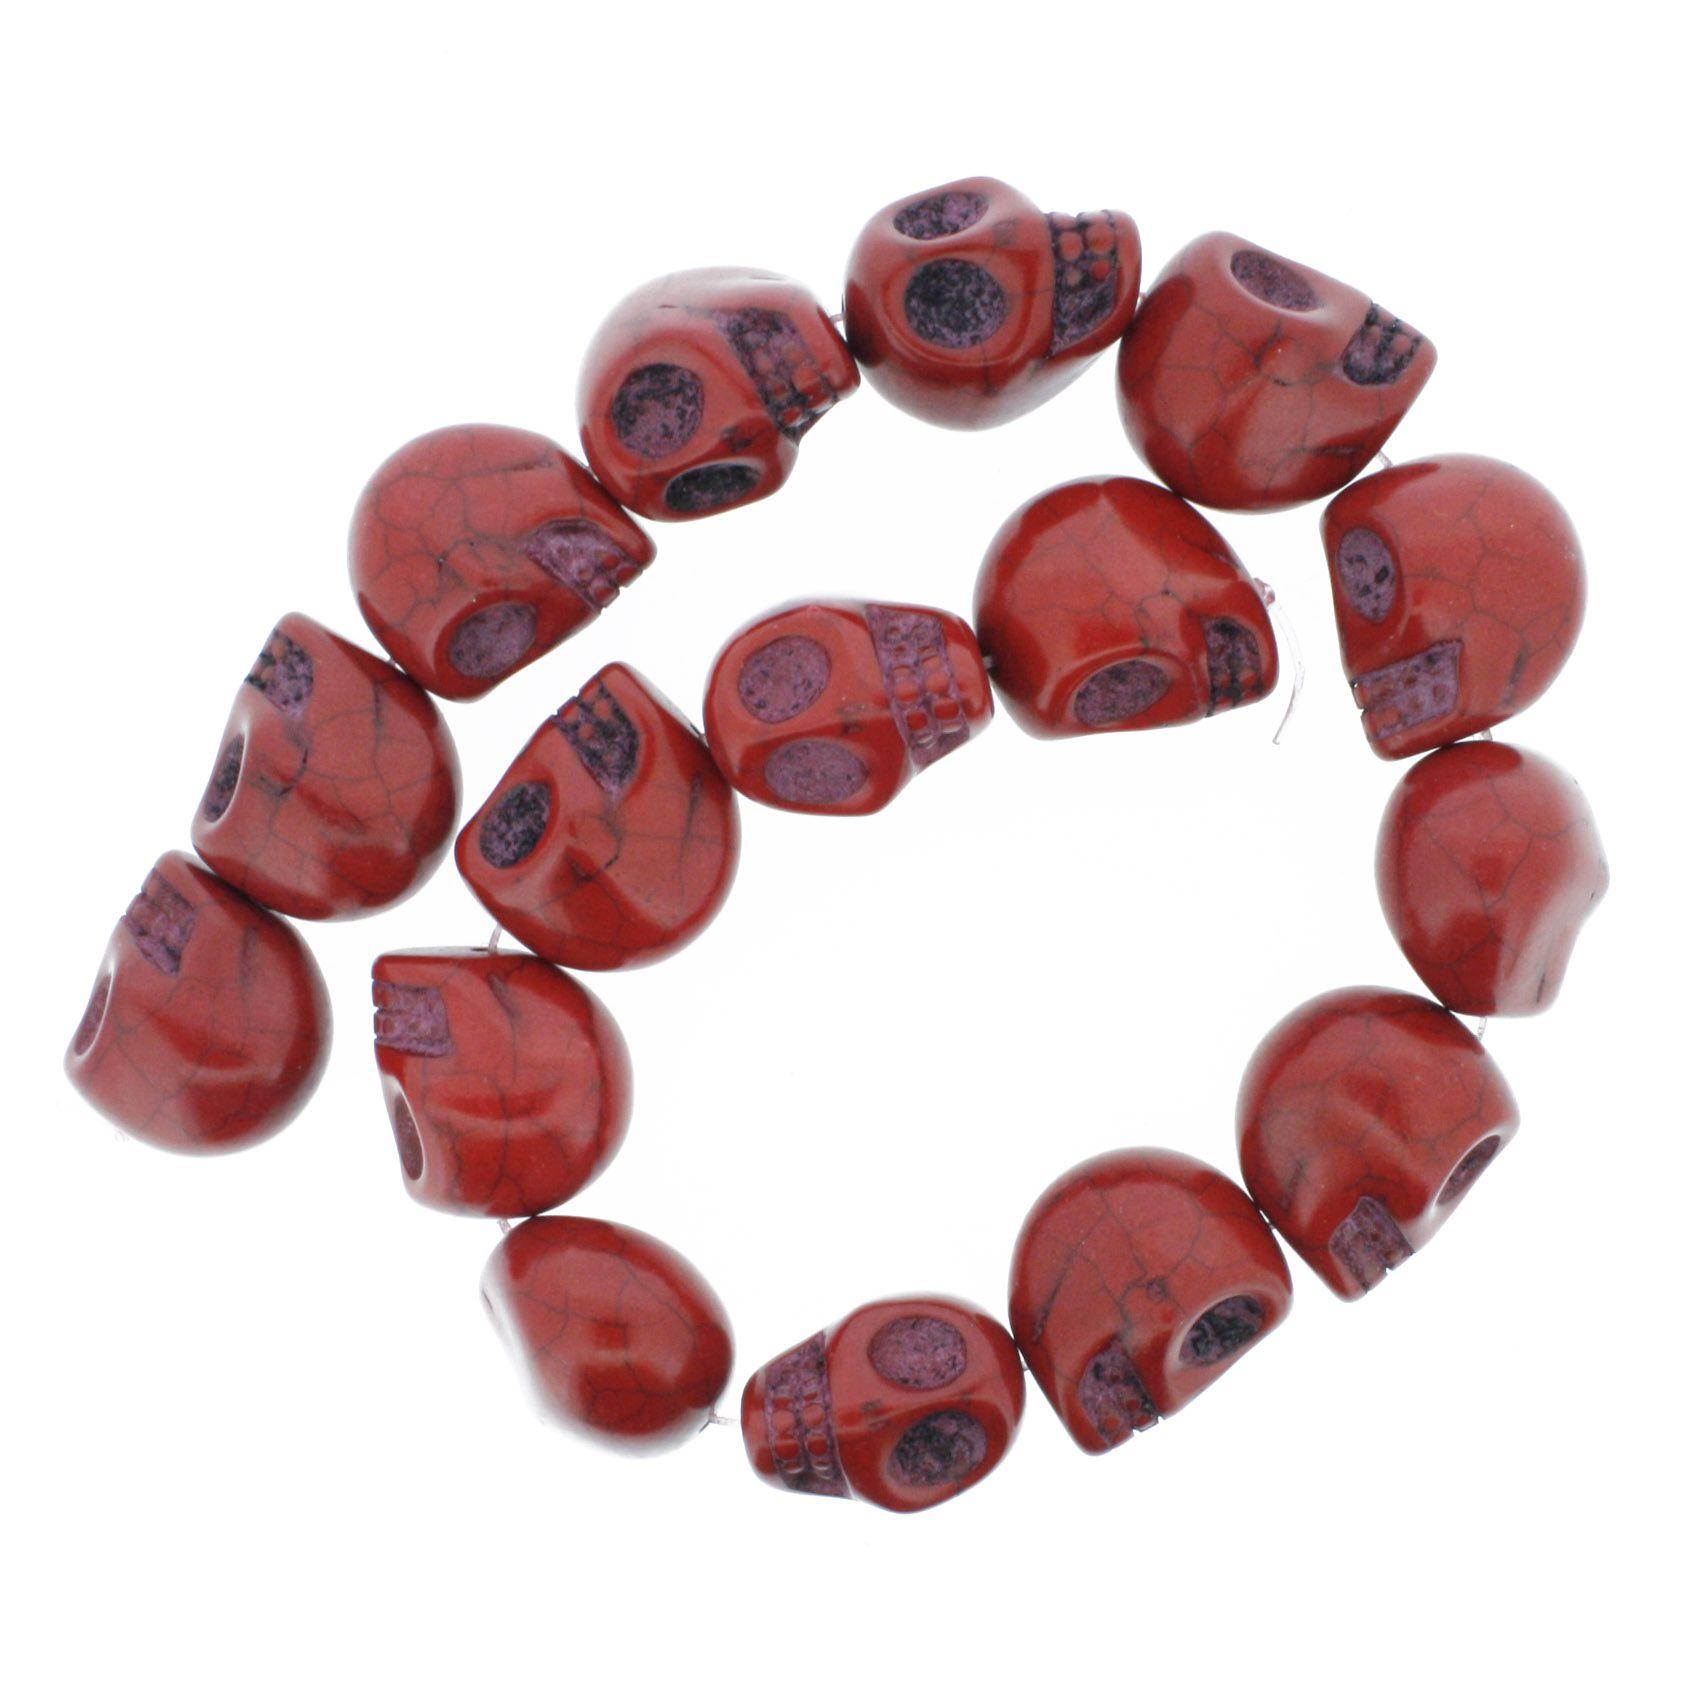 Fio de Caveira de Pedra - Vermelha - Grande - 22x17mm  - Stéphanie Bijoux® - Peças para Bijuterias e Artesanato